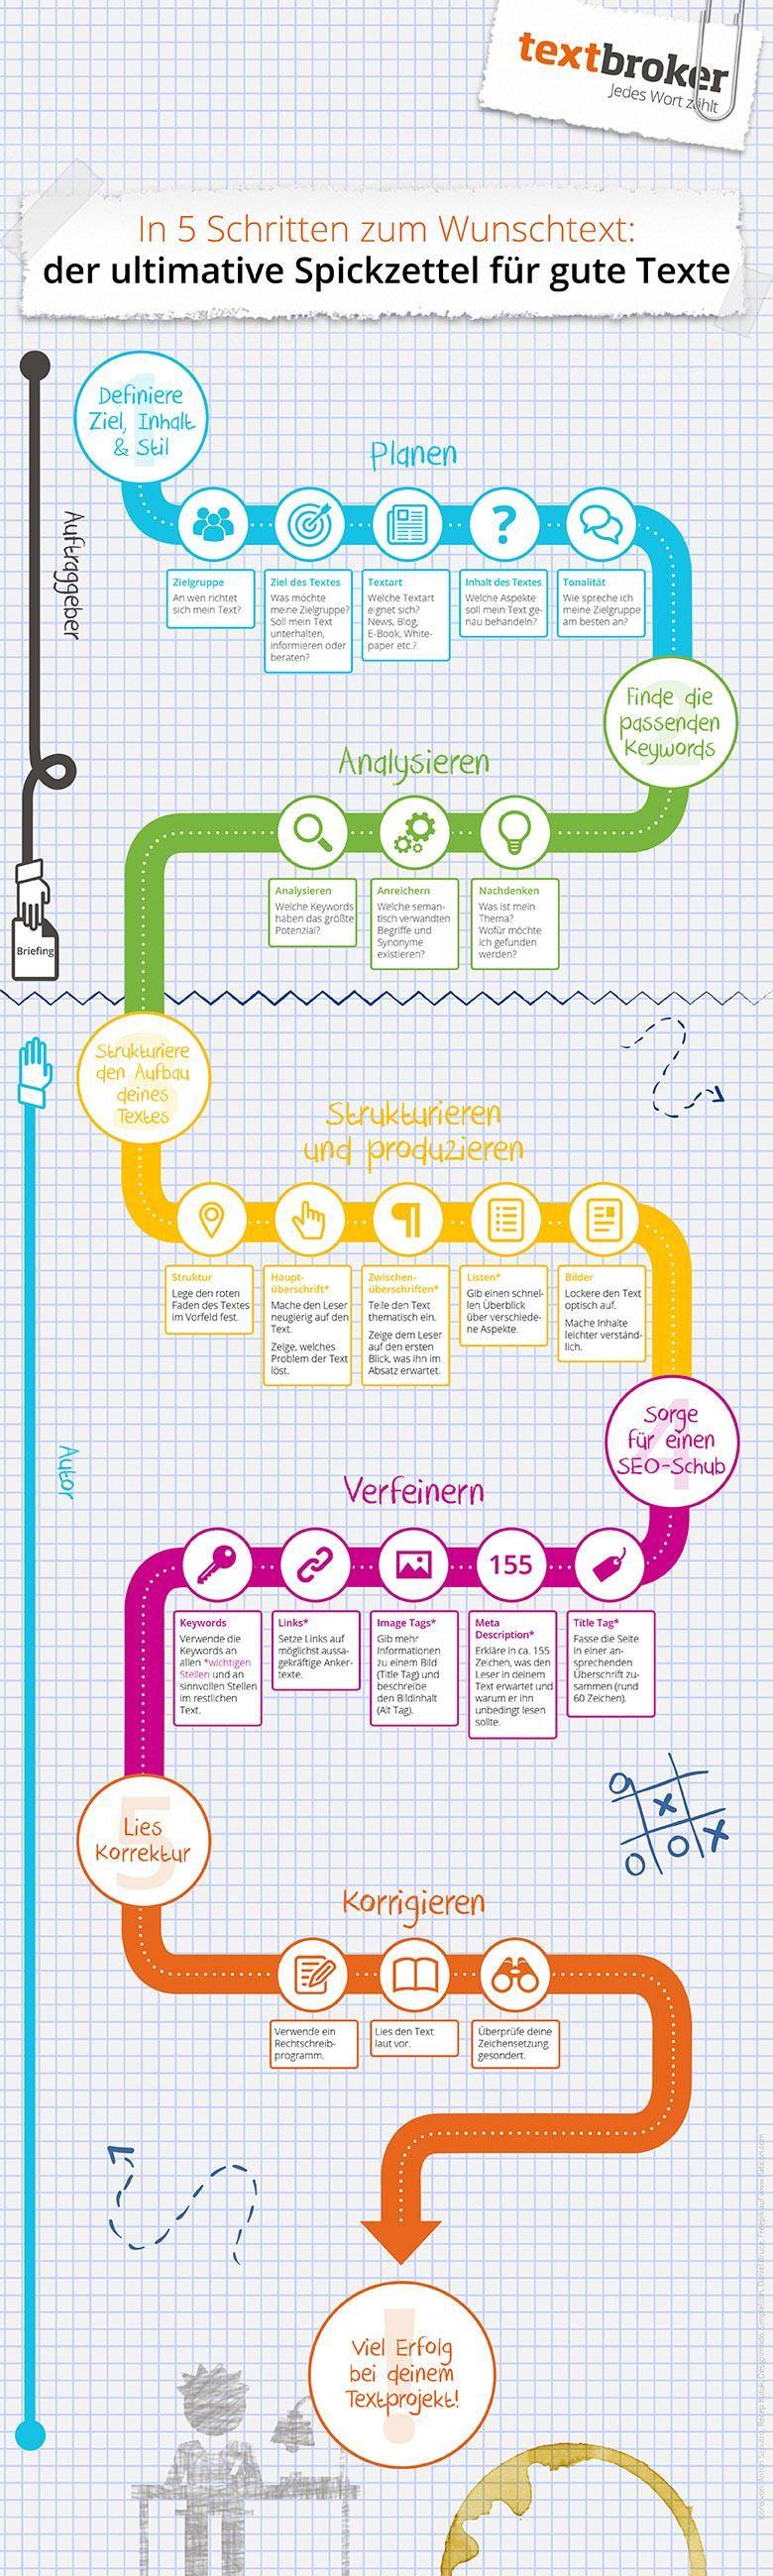 Spickzettel-Infografik zur Erstellung guter Texte https ...